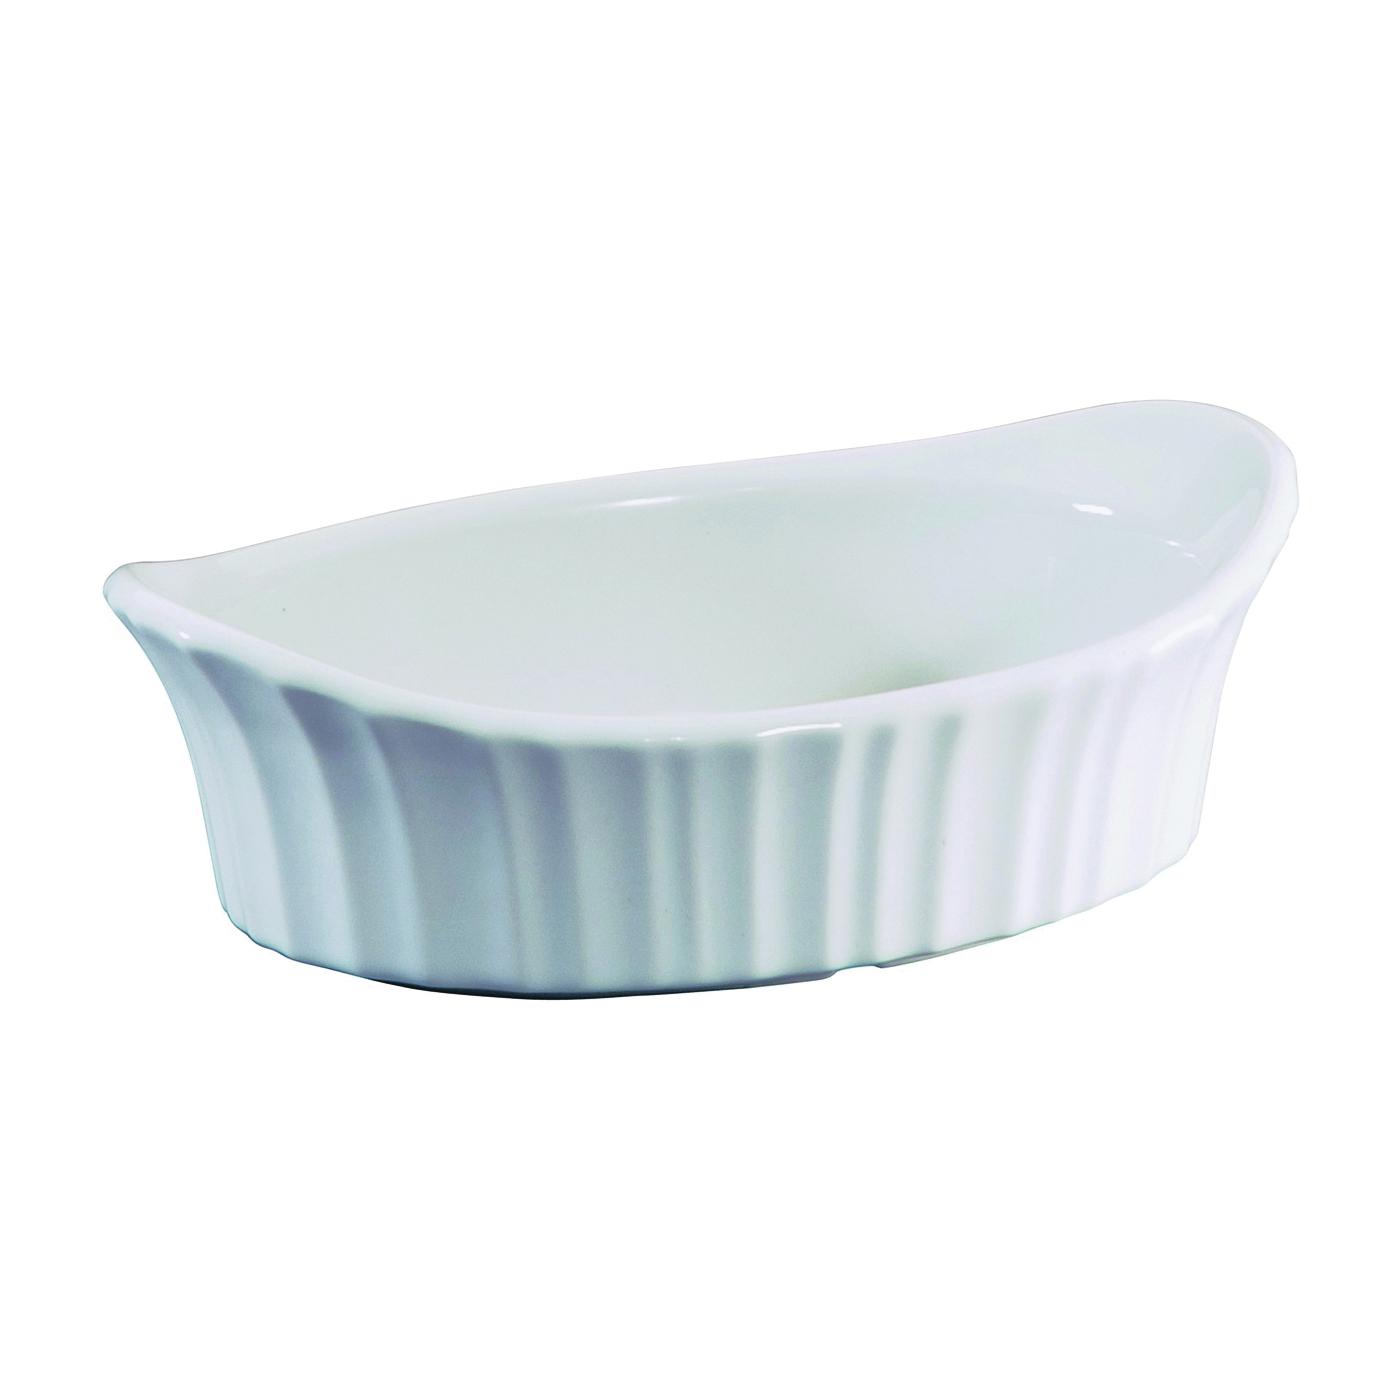 Picture of Corningware 1106004 Appetizer Dish, 18 oz Capacity, Stoneware, French White, Dishwasher Safe: Yes